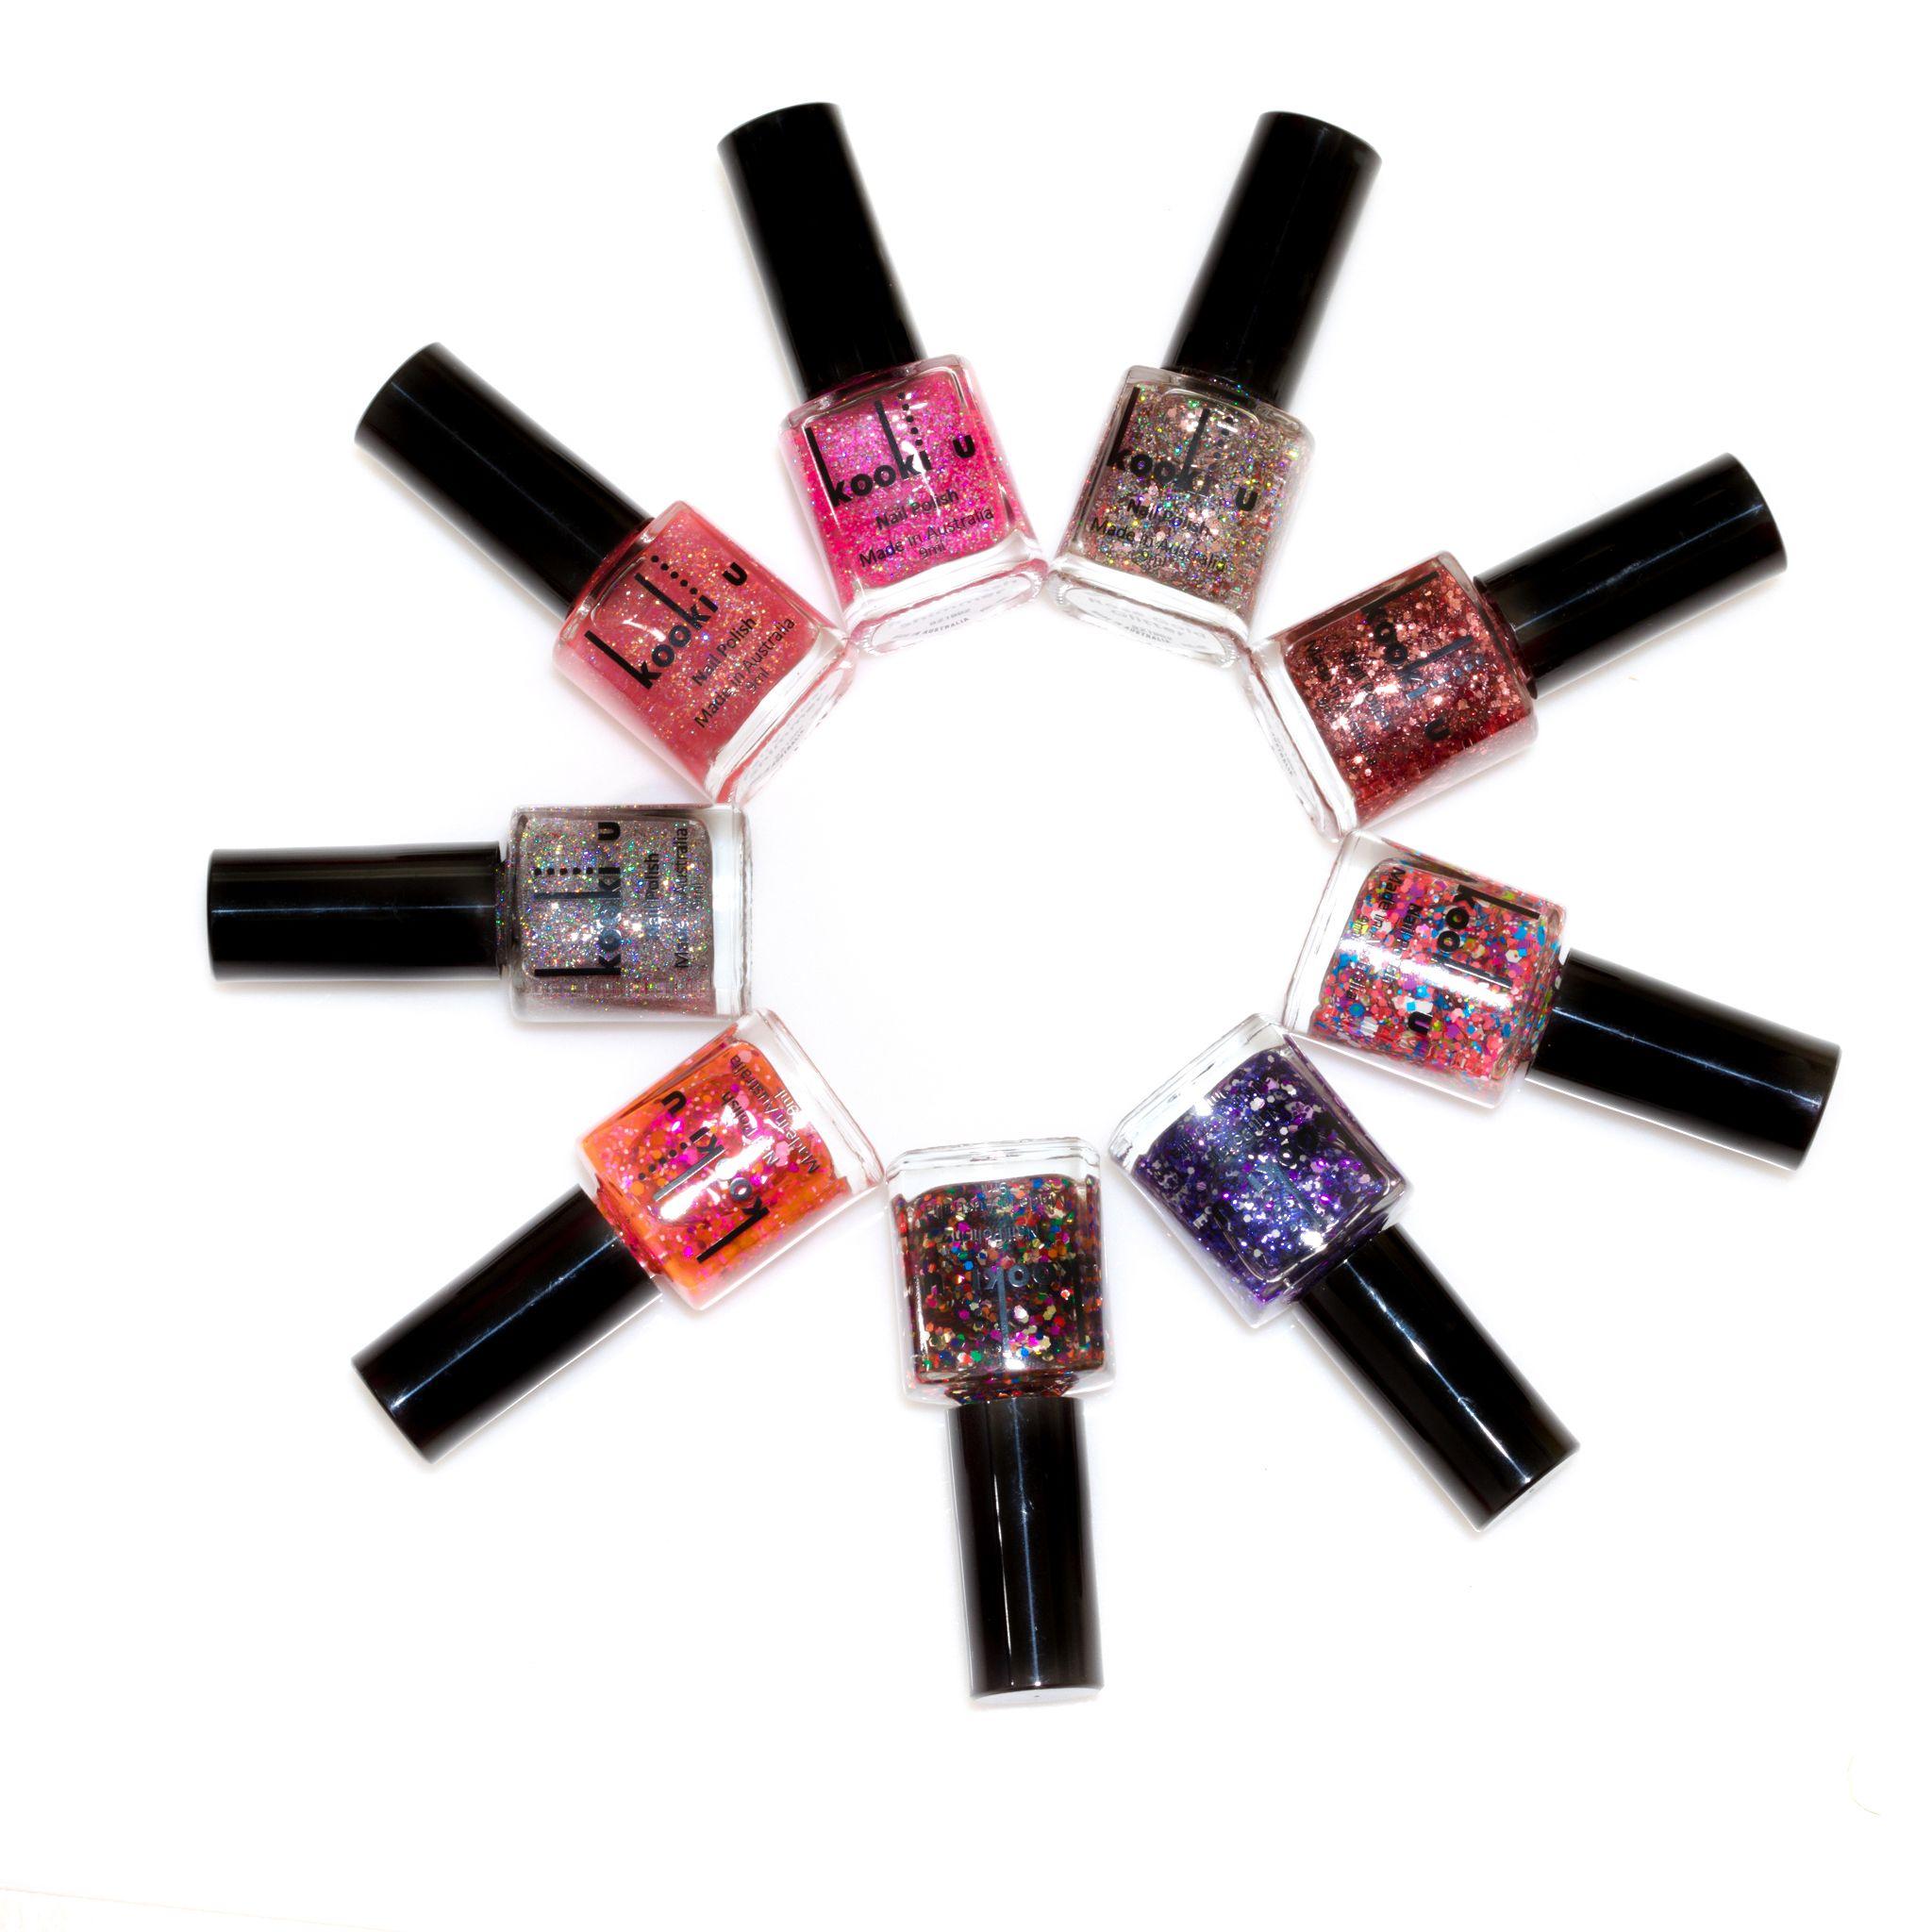 Glitter nails anyone? kookiu kookiuaustralia cosmetics